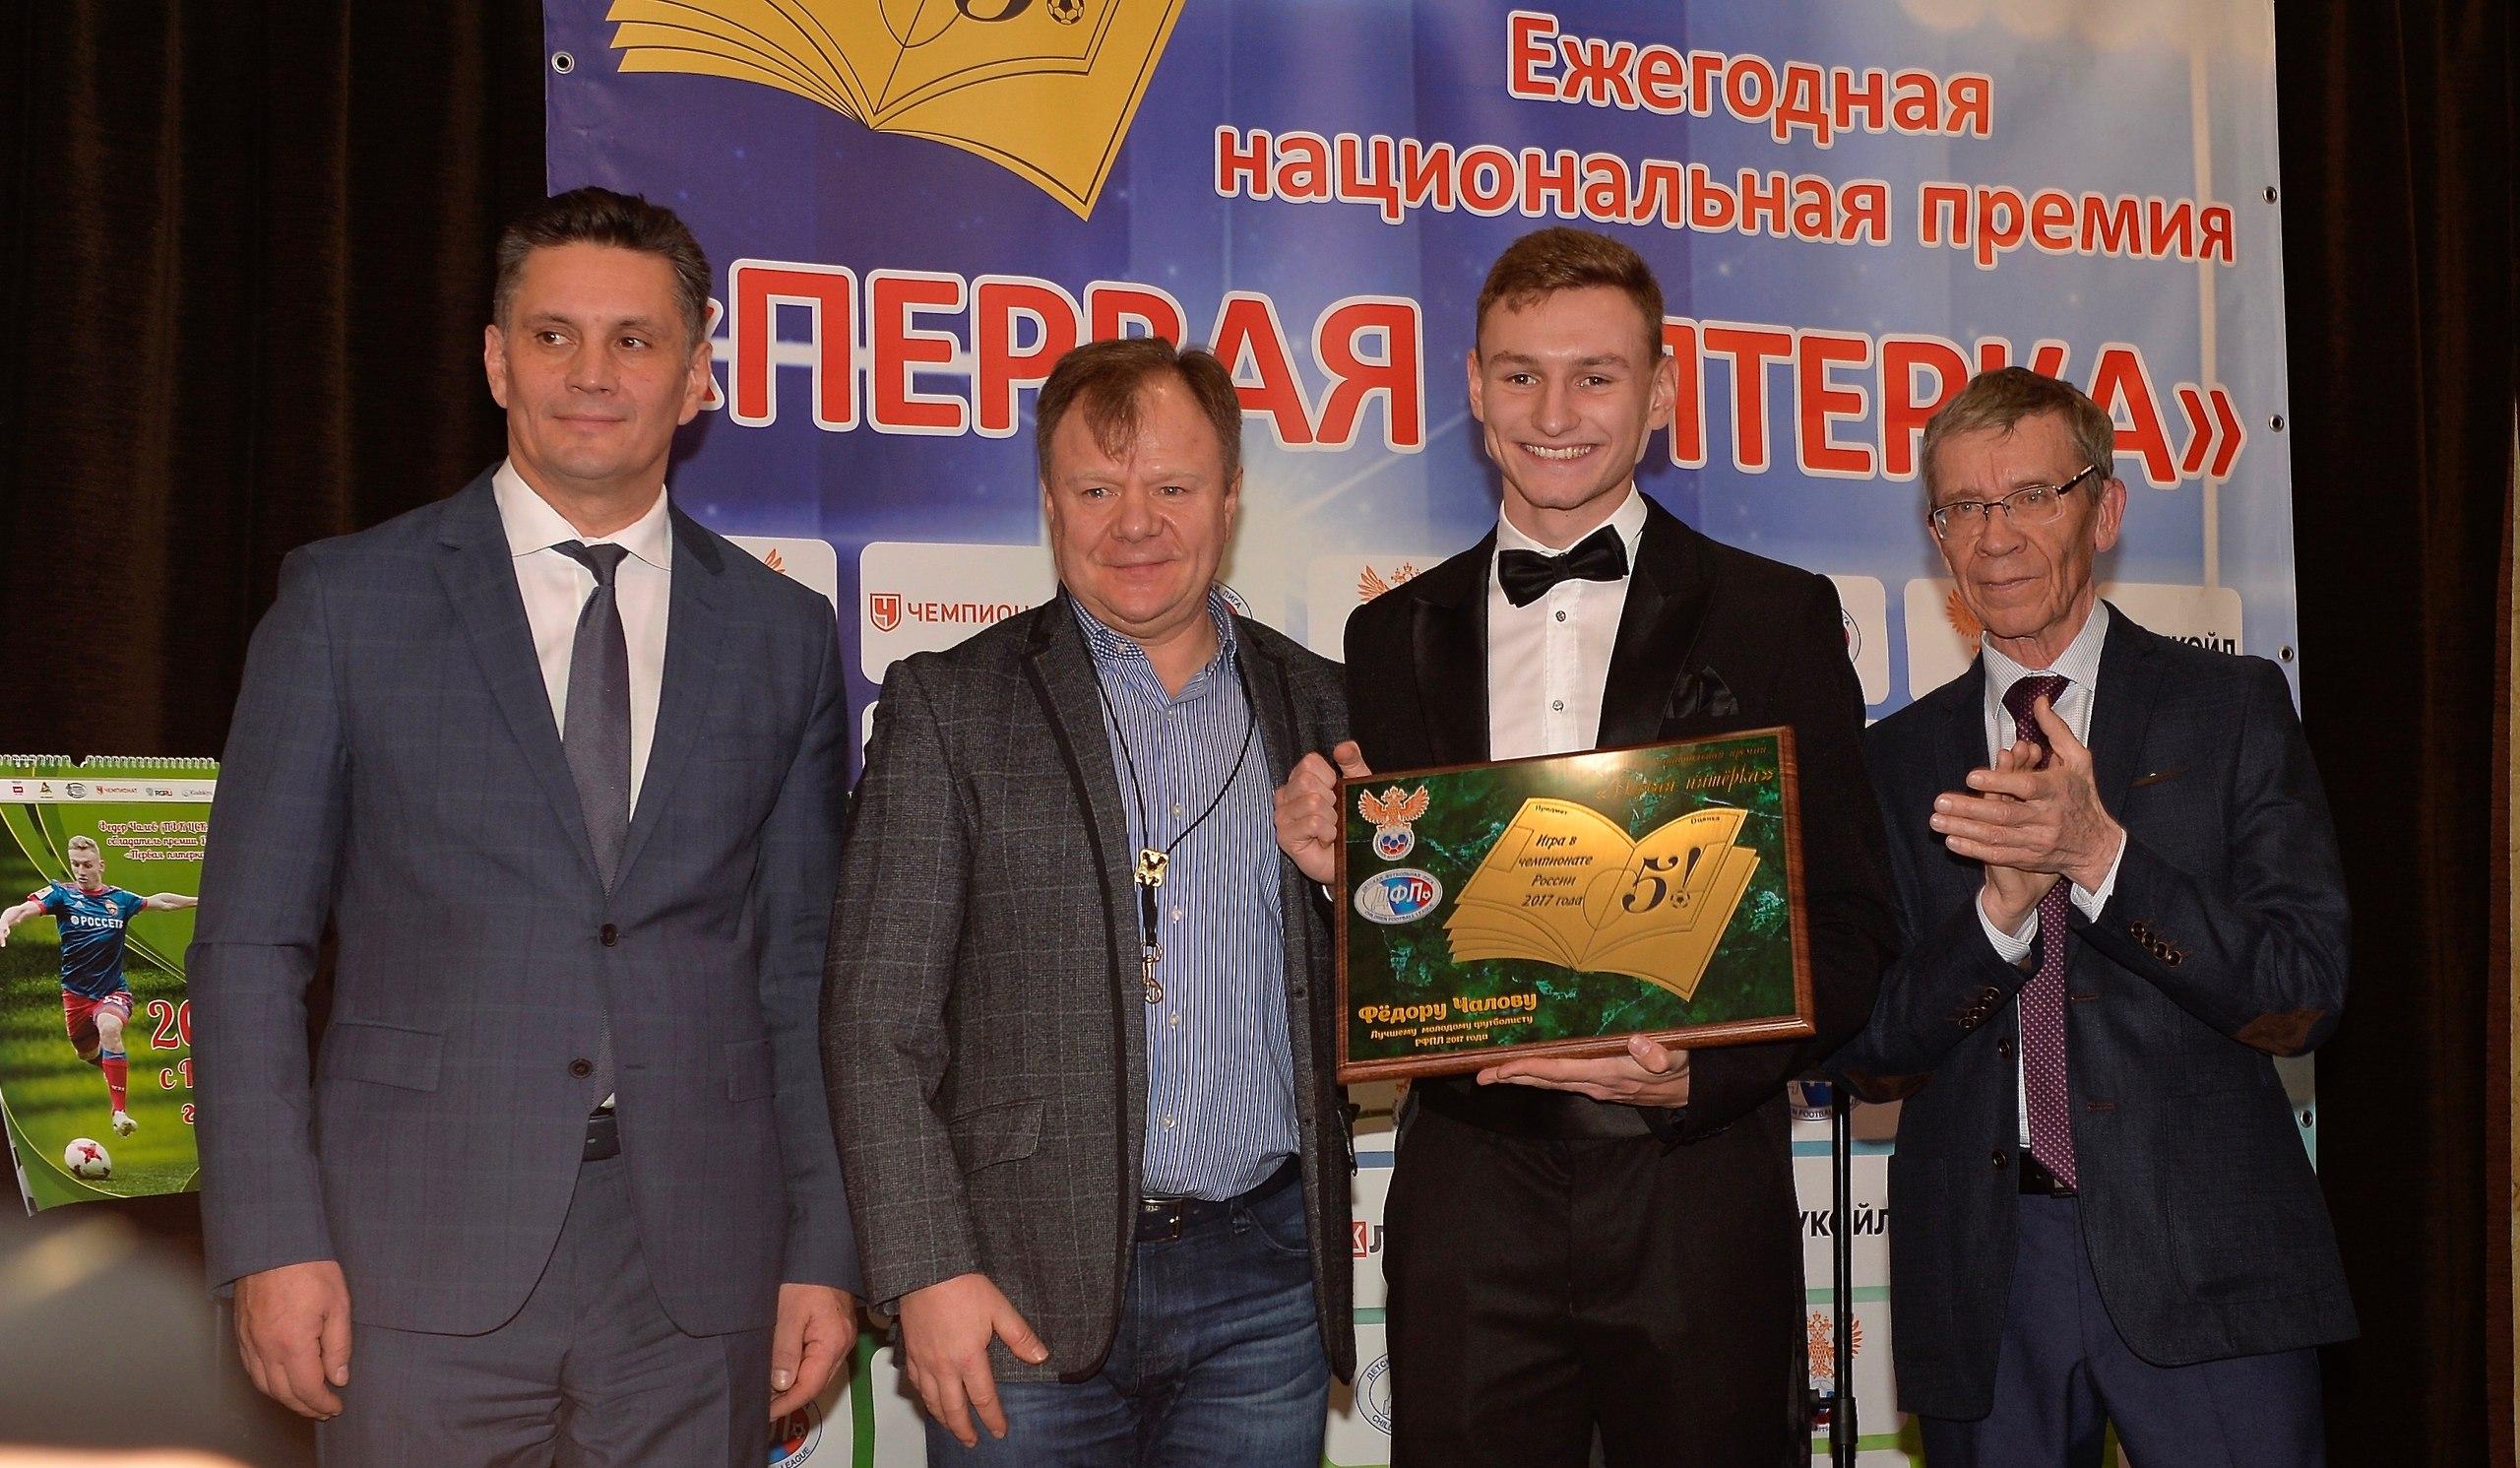 Федор Чалов – лауреат премии «Первая пятерка – 2017»